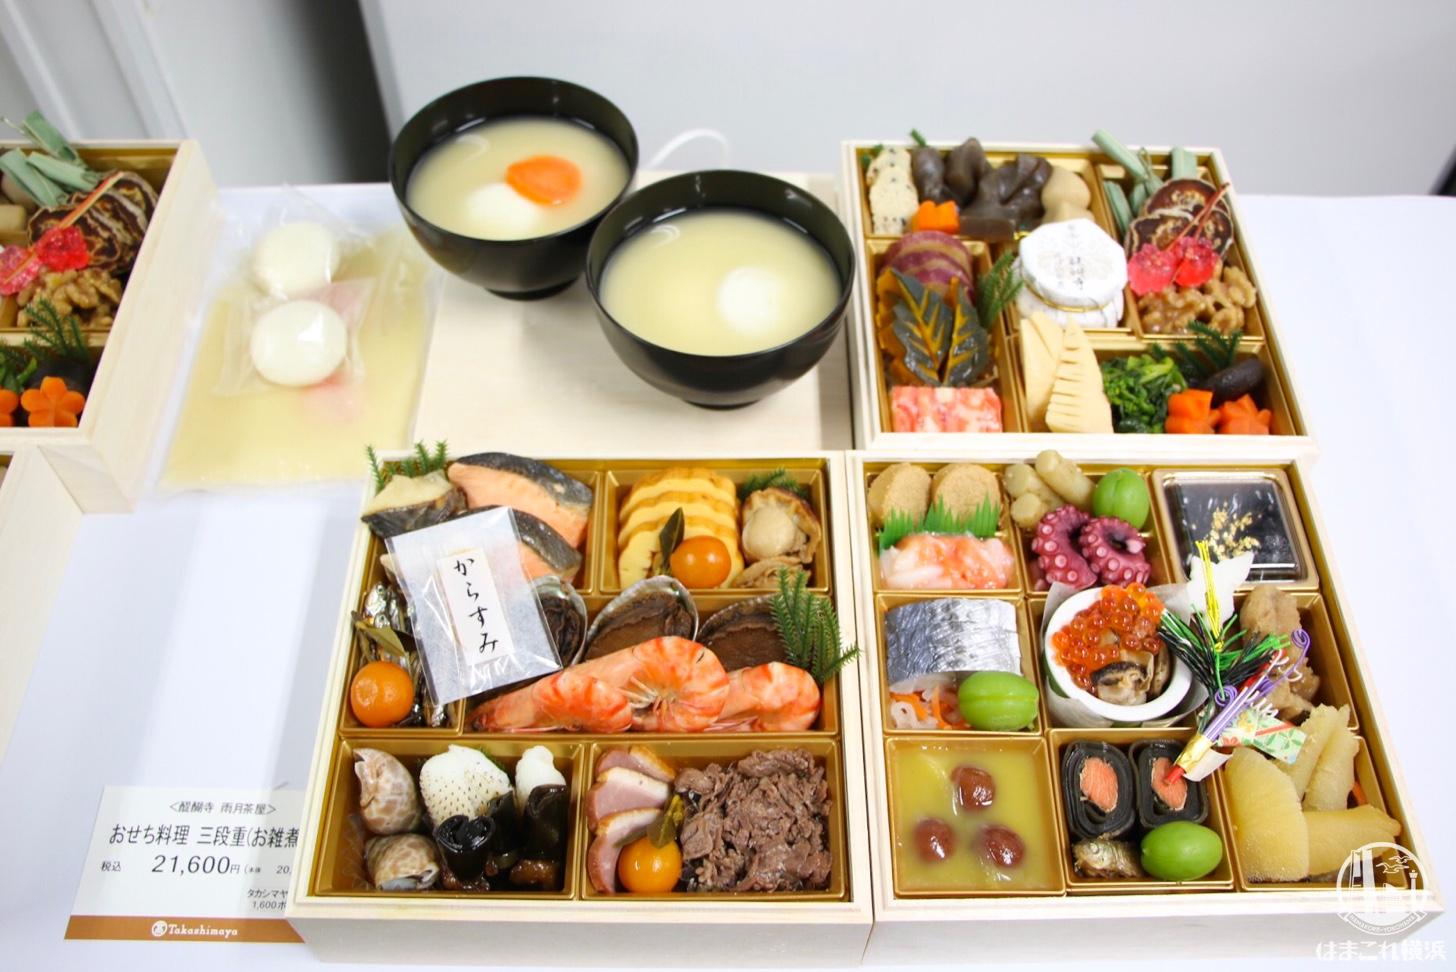 醍醐寺 雨月茶屋 おせち料理 三段重(お雑煮付)